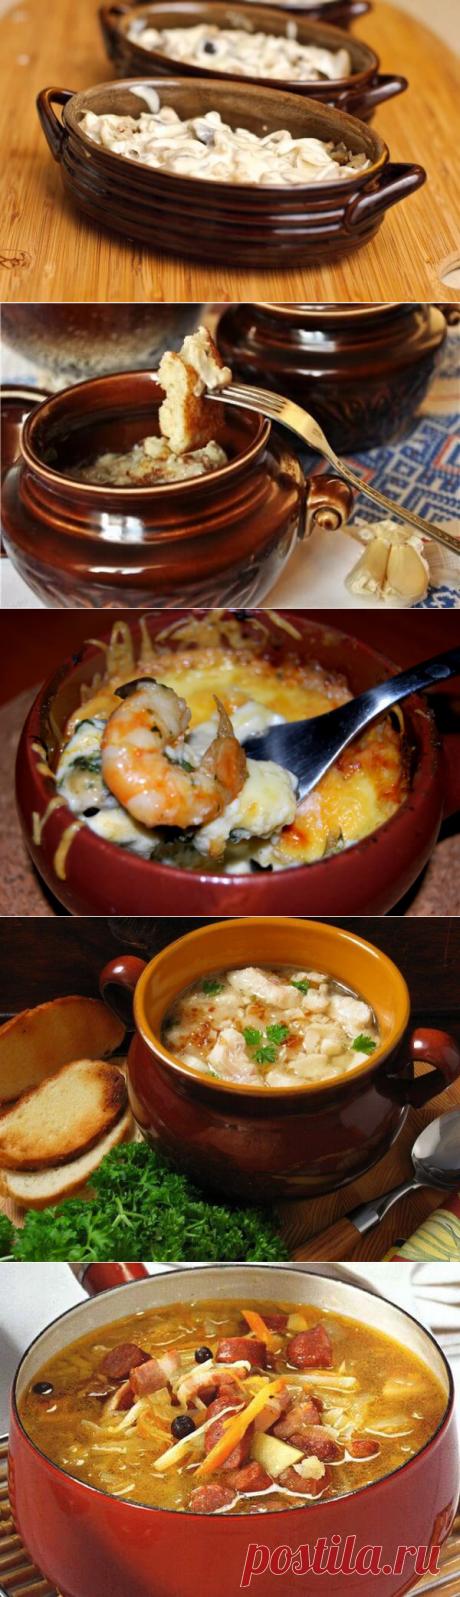 7 оригинальных рецептов блюд в горшочке